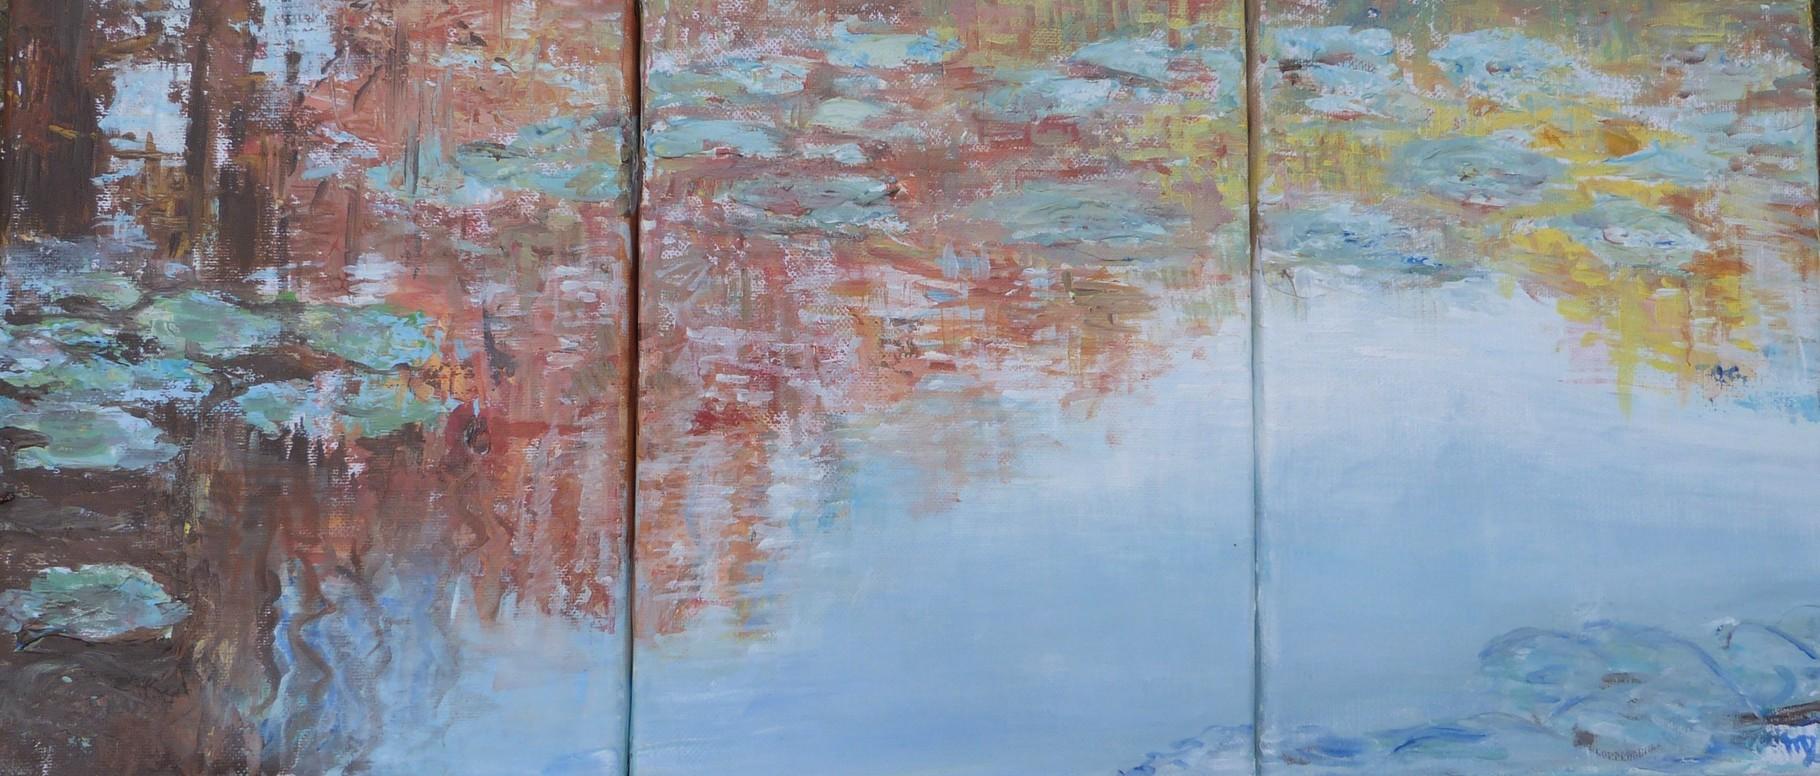 Réflets, 54x24 Triptyque - Acrylique